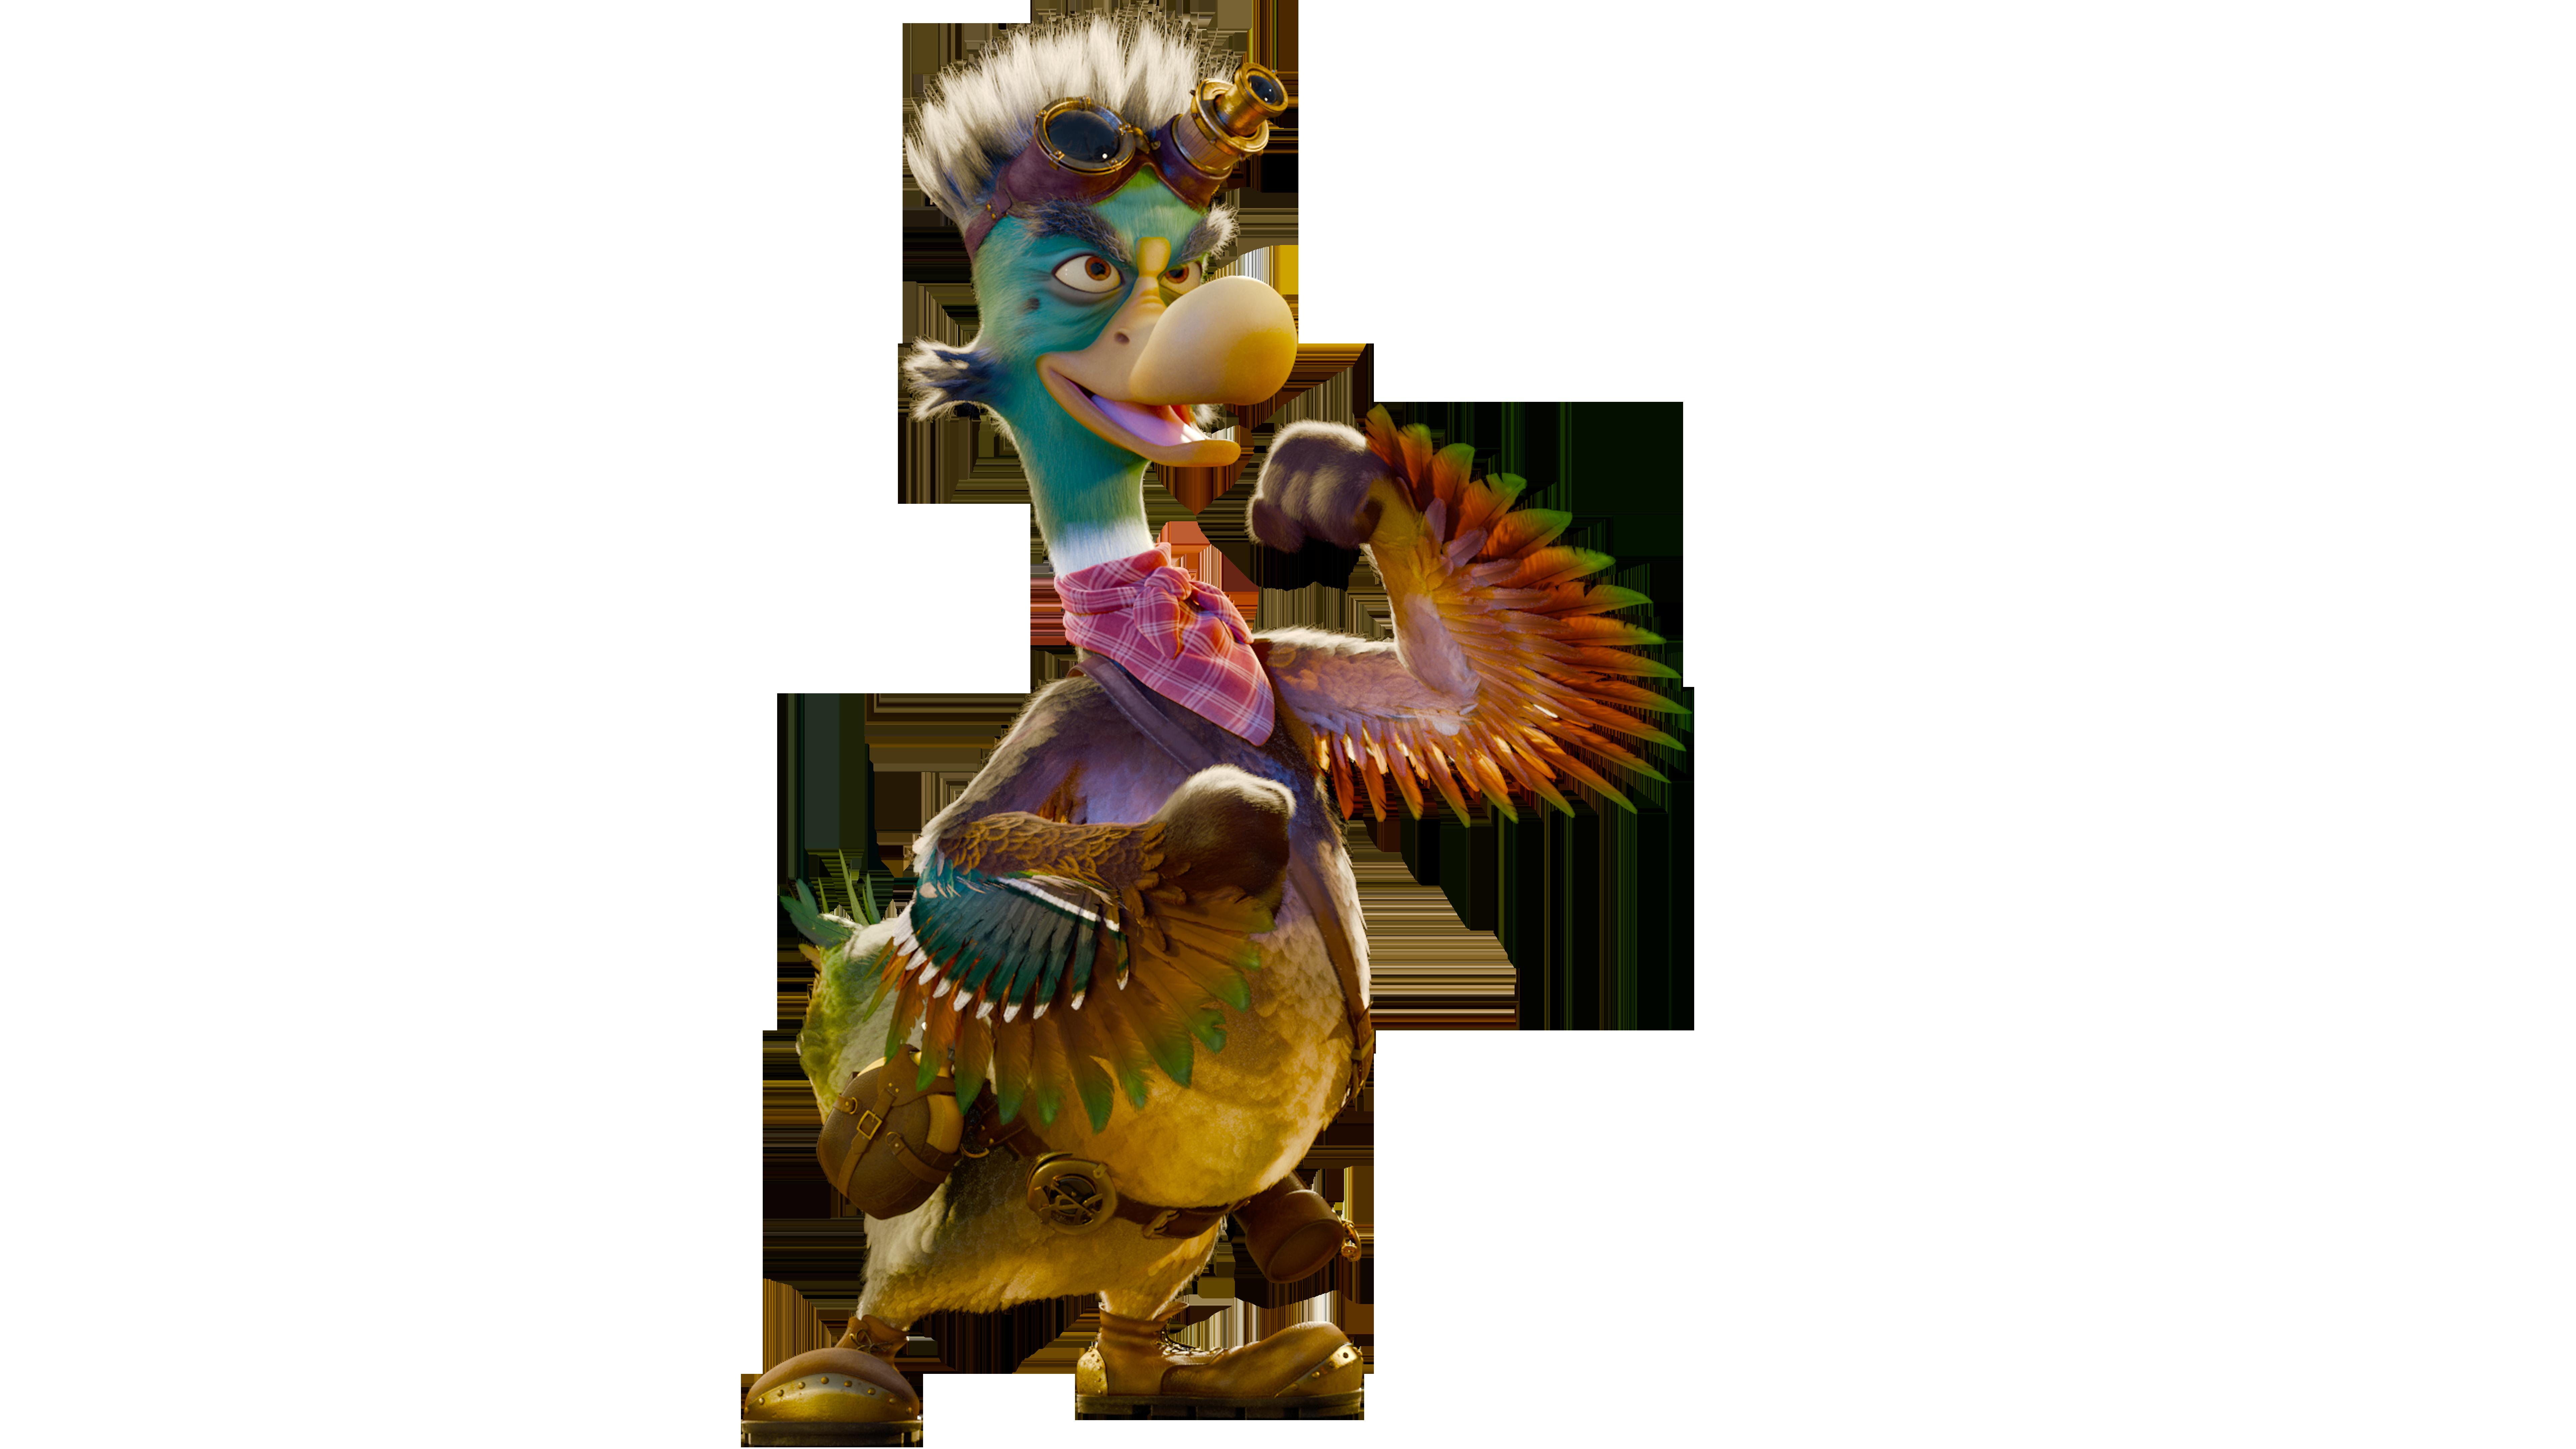 Duckmus